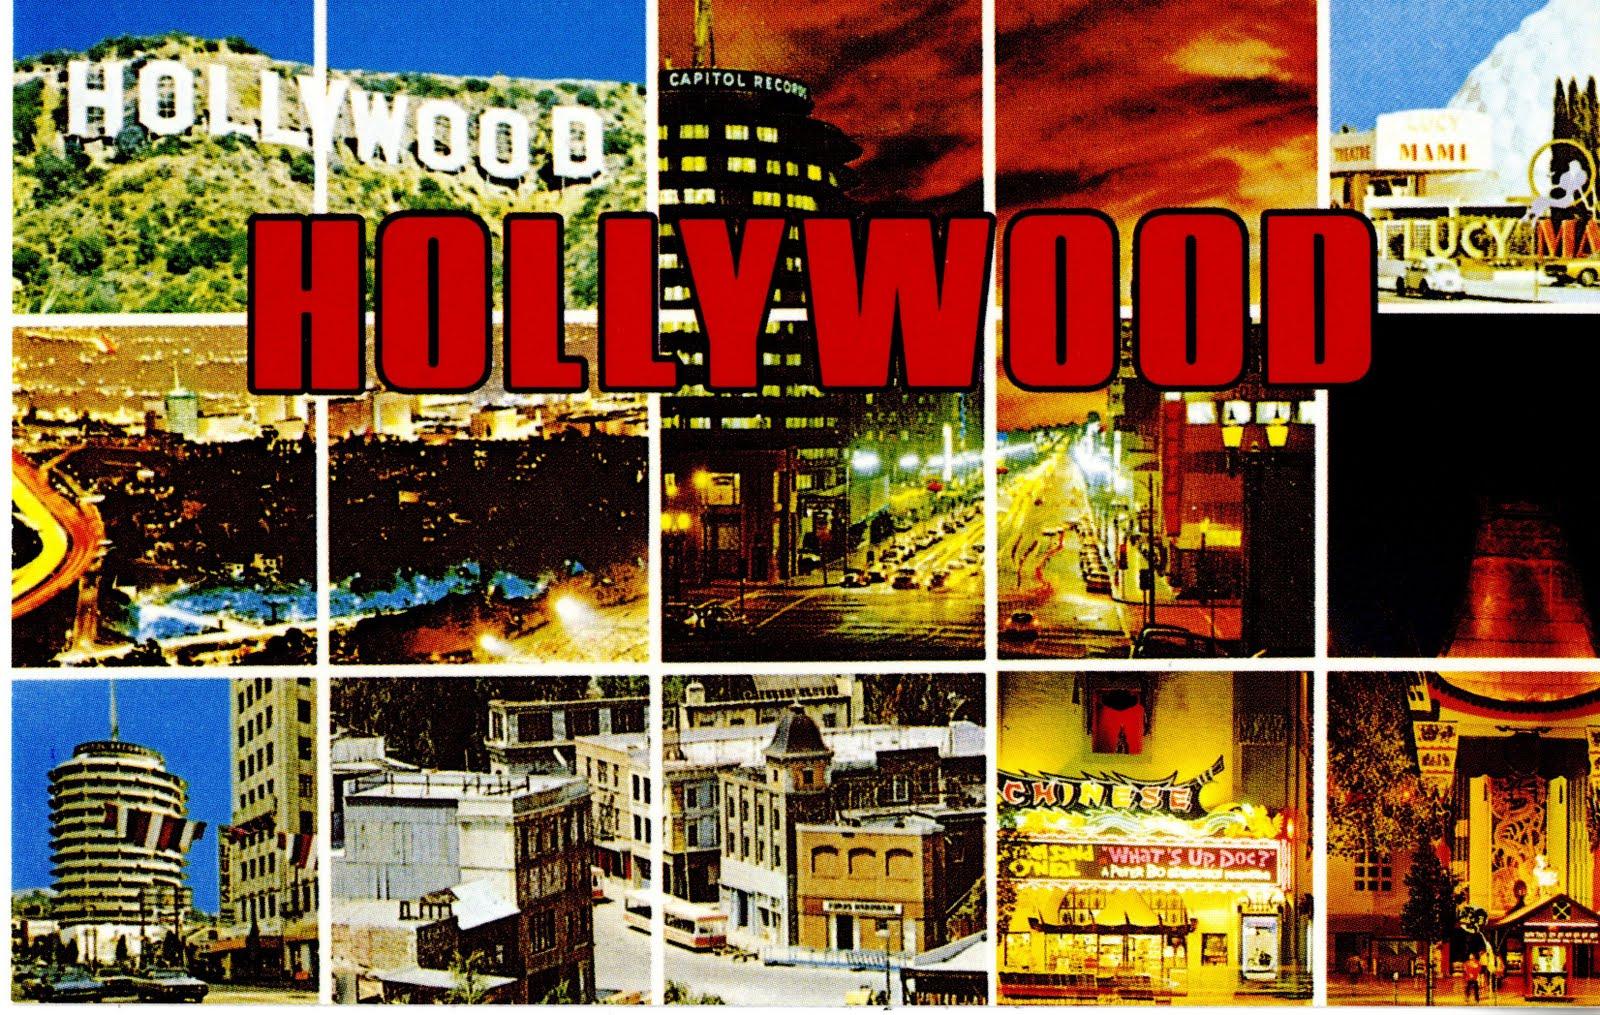 http://3.bp.blogspot.com/_OmkuGjVCURI/TTYWDQYdJ1I/AAAAAAAABaM/3XzXD5Tgvlc/s1600/HollywoodPostcard.jpg